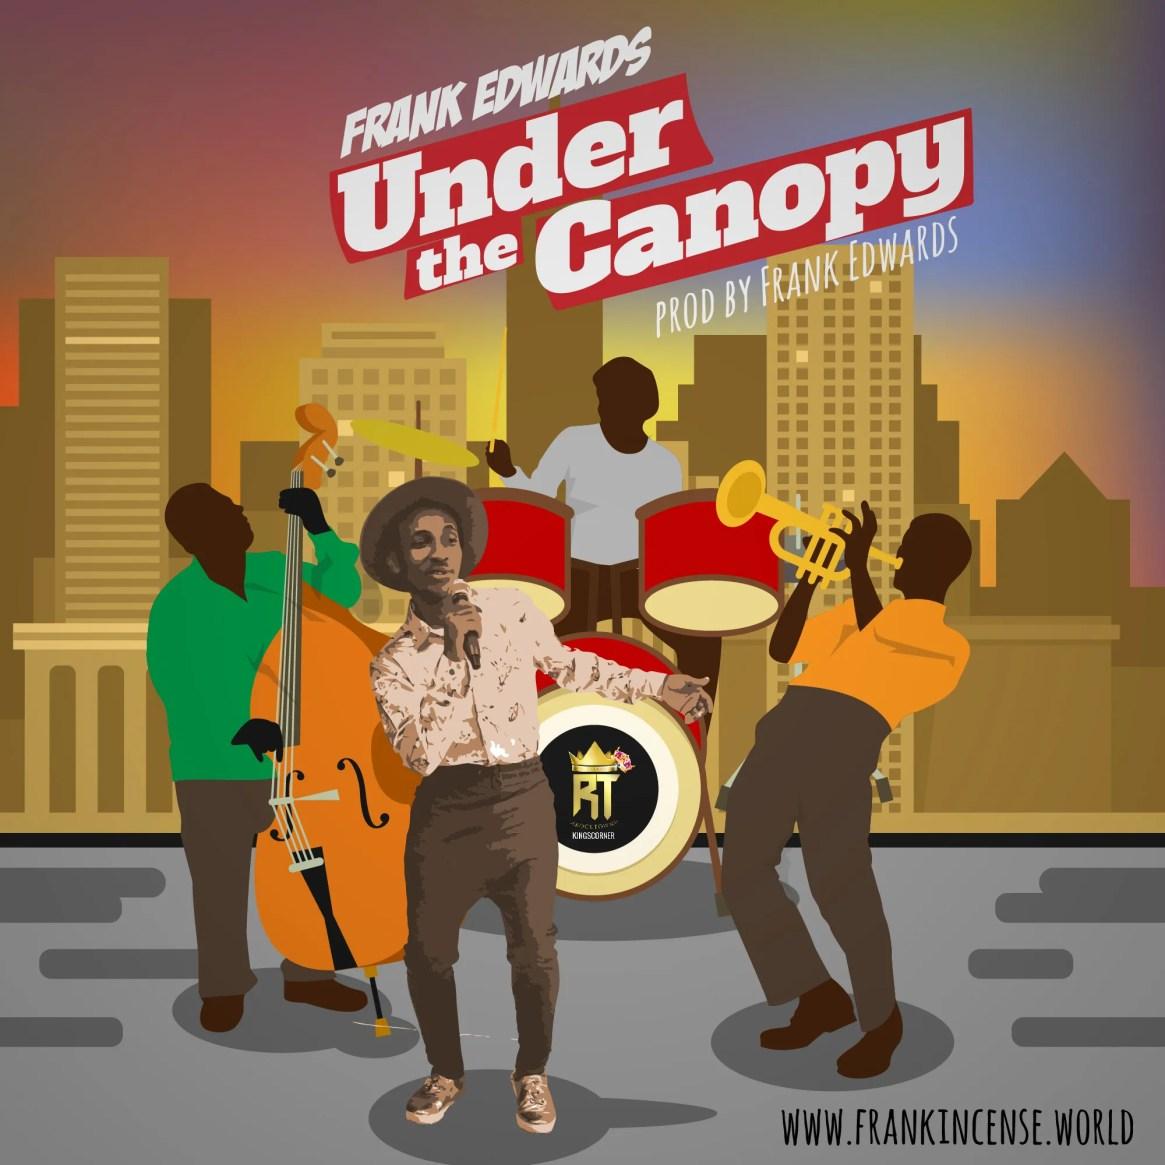 CHORDS: Frank Edward – Under The Canopy Chord Progression…